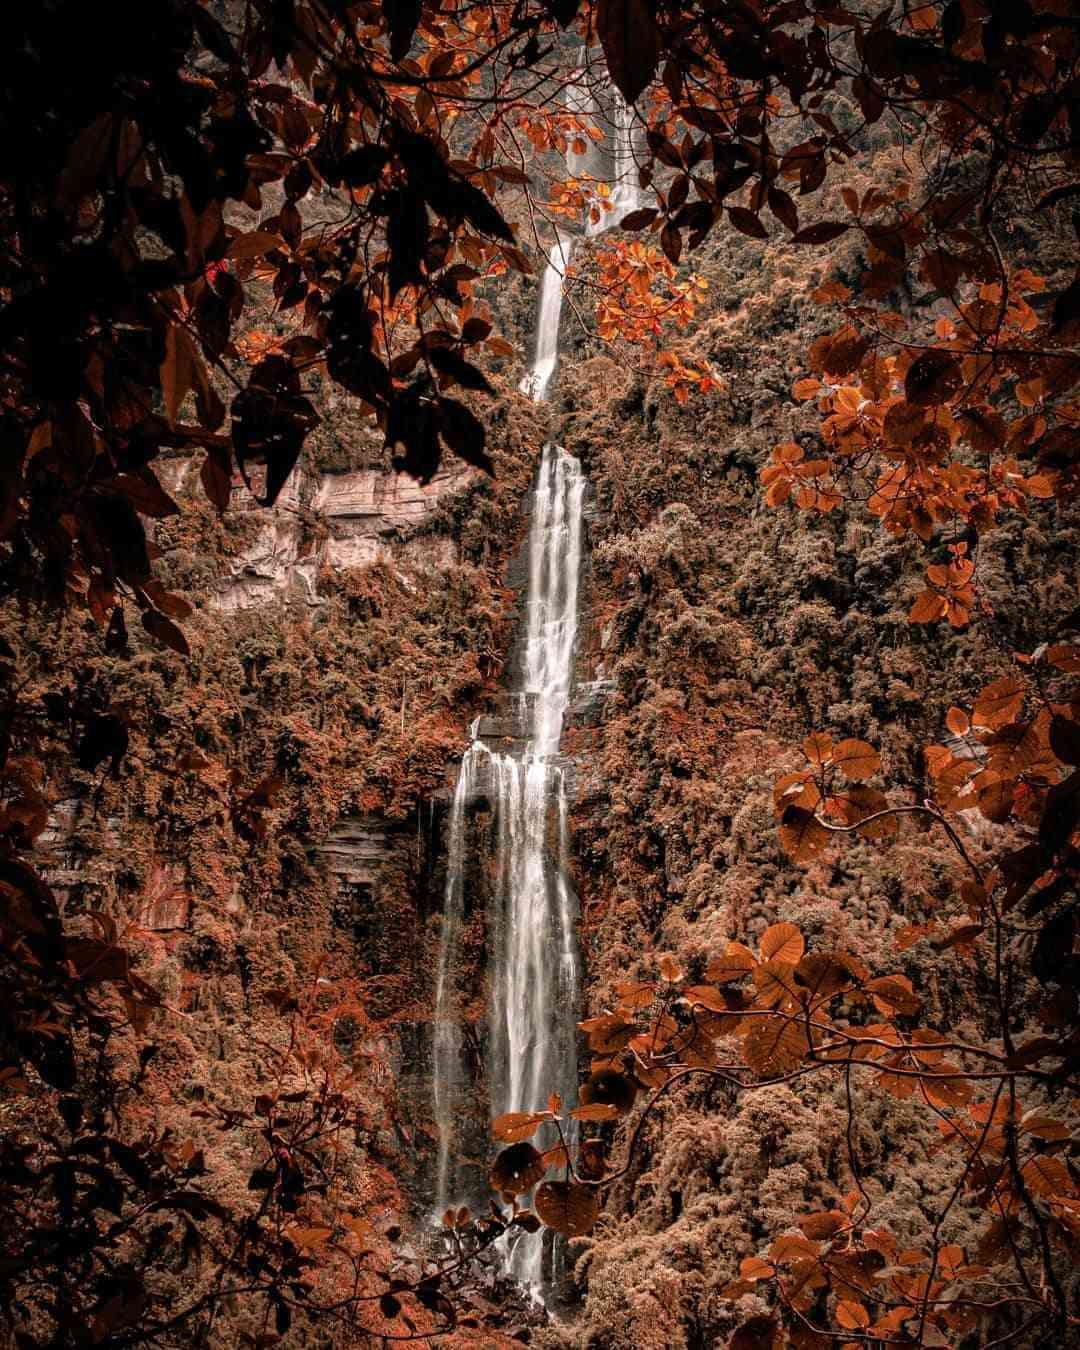 Lugares de naturaleza para visitar con poco presupuesto